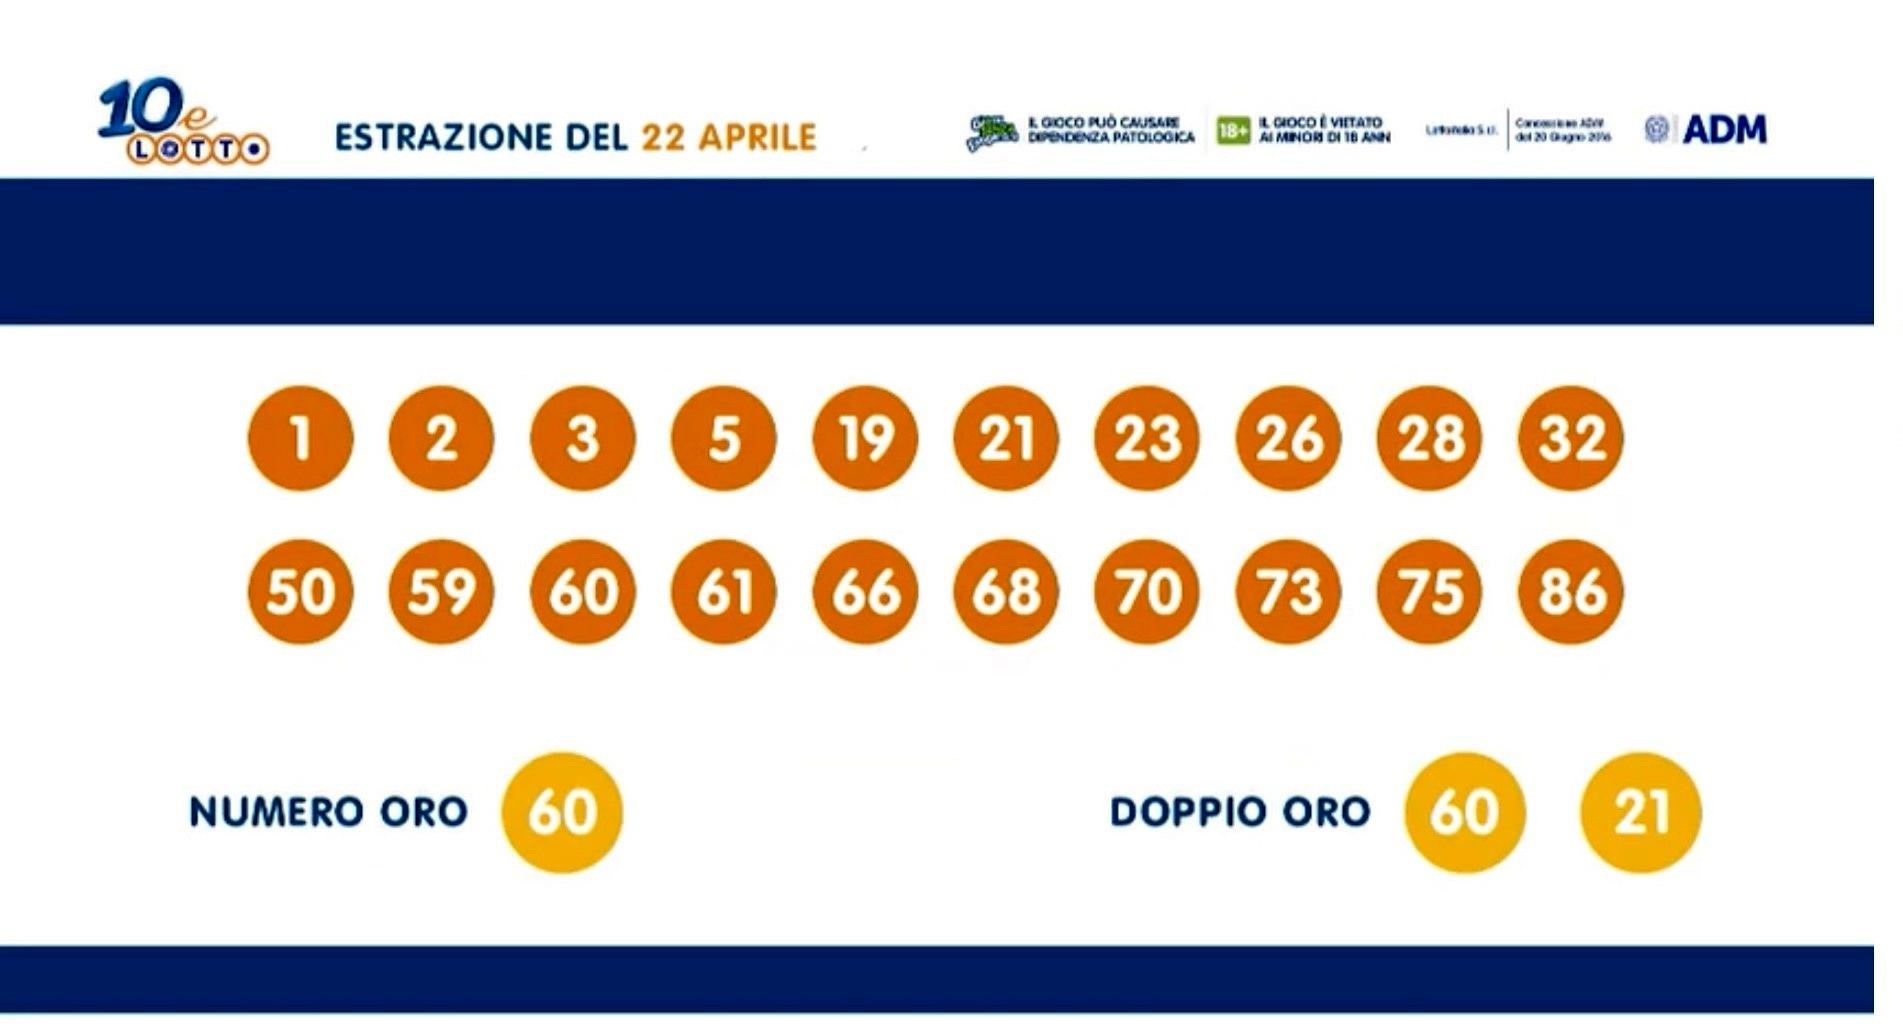 Estrazioni Lotto oggi e numeri SuperEnalotto di giovedì 22 aprile 2021